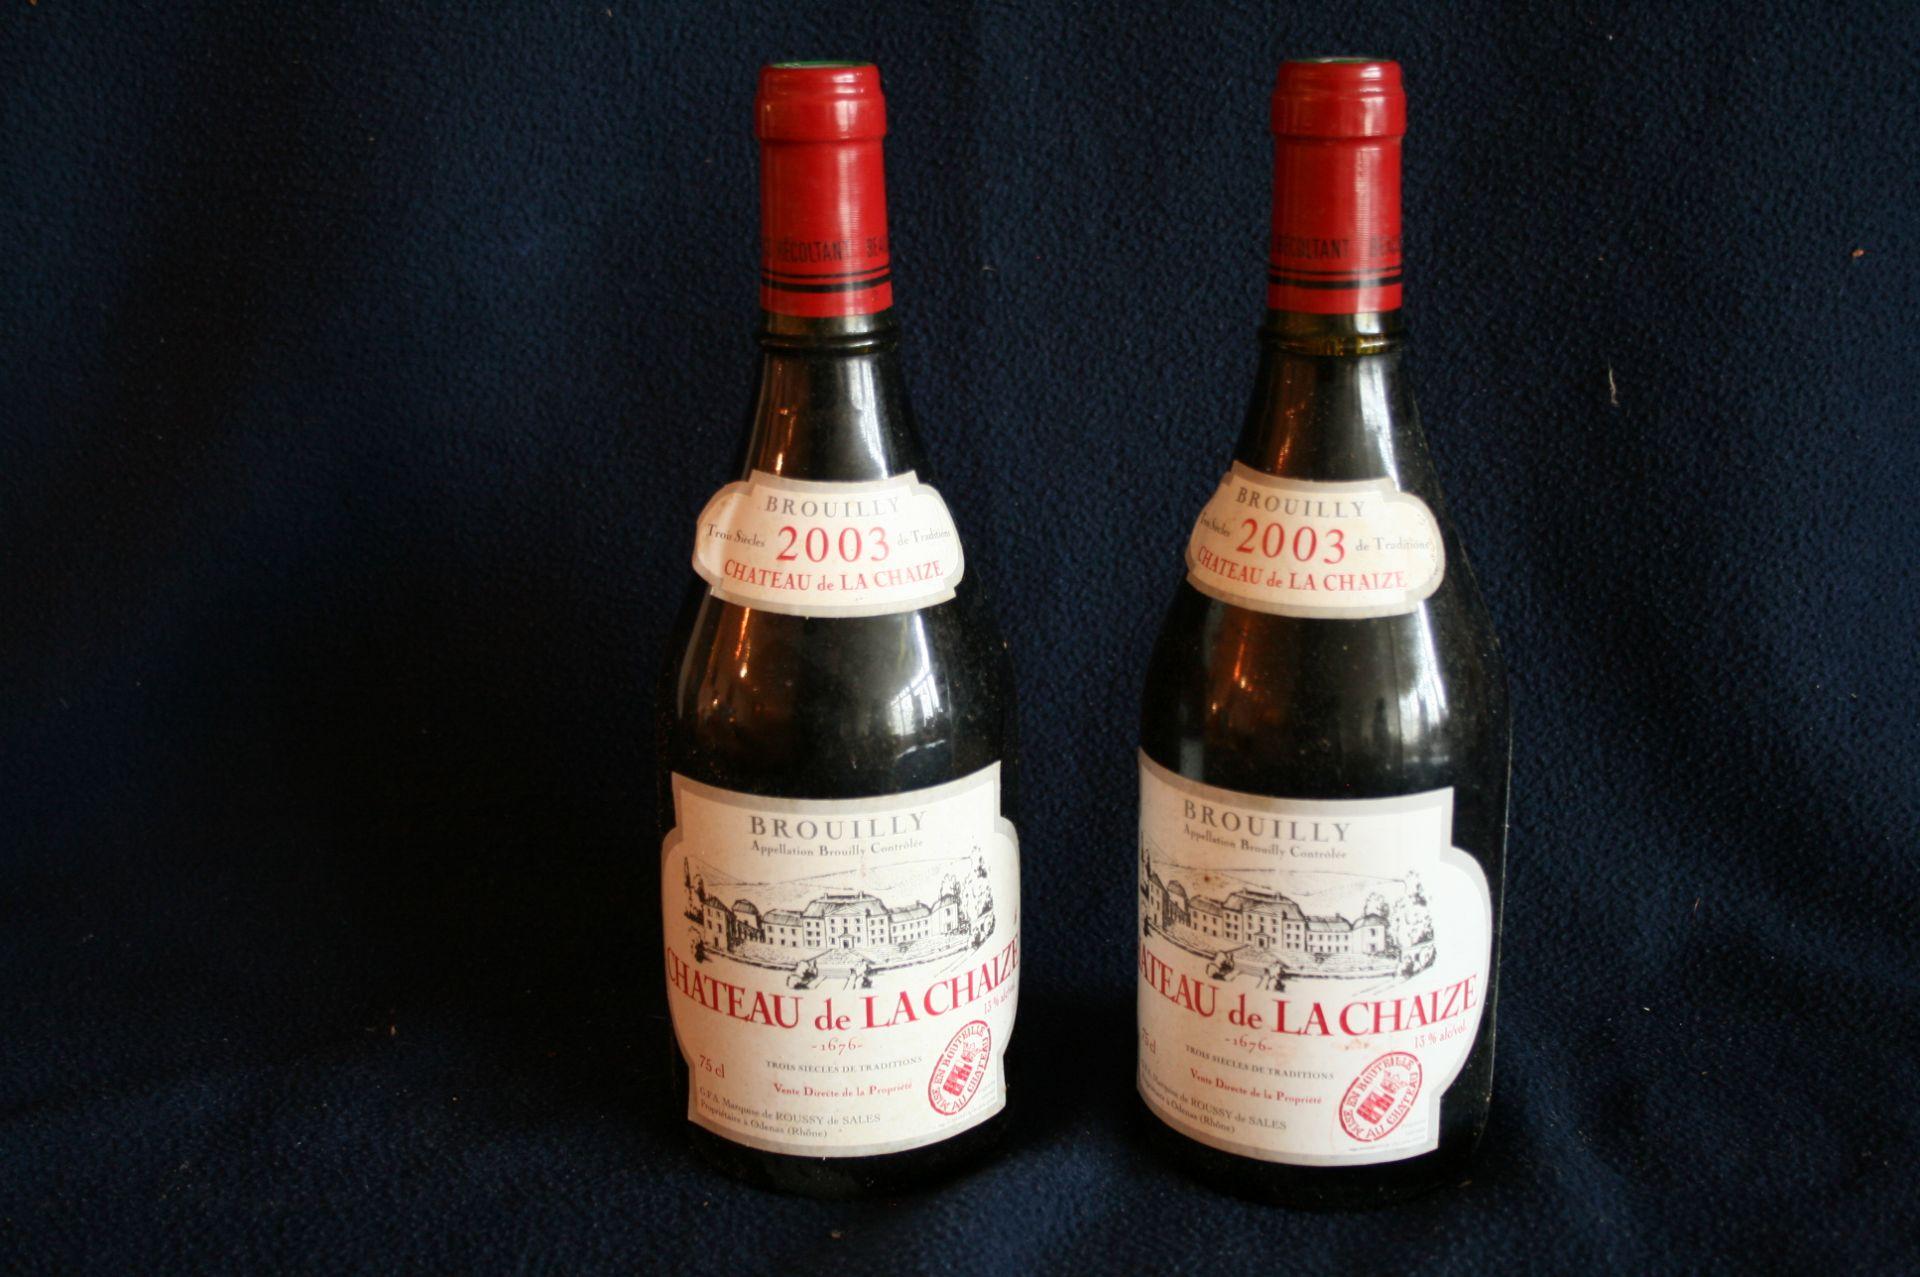 2 bouteilles de BEAUJOLAIS, BROUILLY, Château de LA CHAIZE, rouge, 2003 - 2 bottles [...]